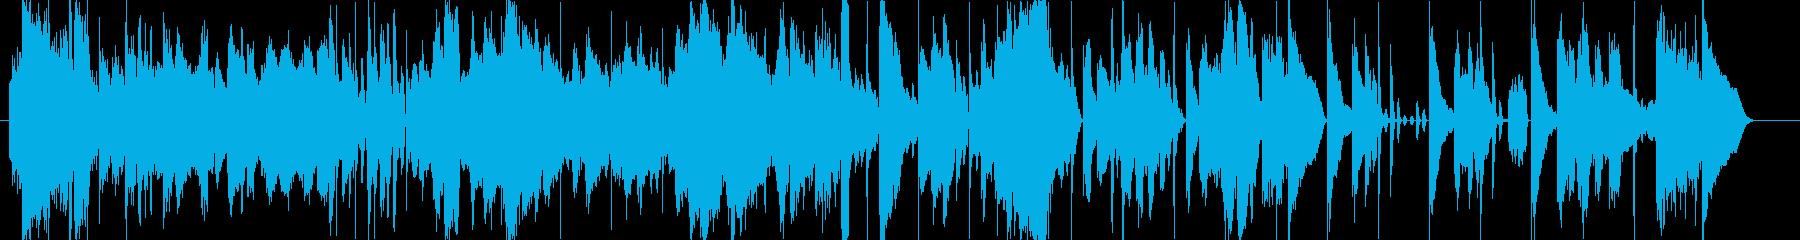 気まぐれな気分での奇怪なオーケスト...の再生済みの波形